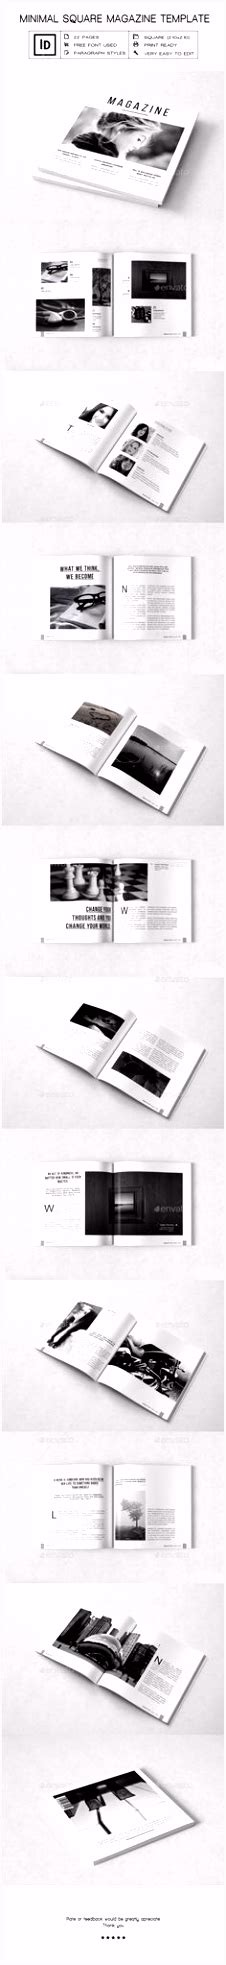 magazin layout vorlagen sampletemplatex